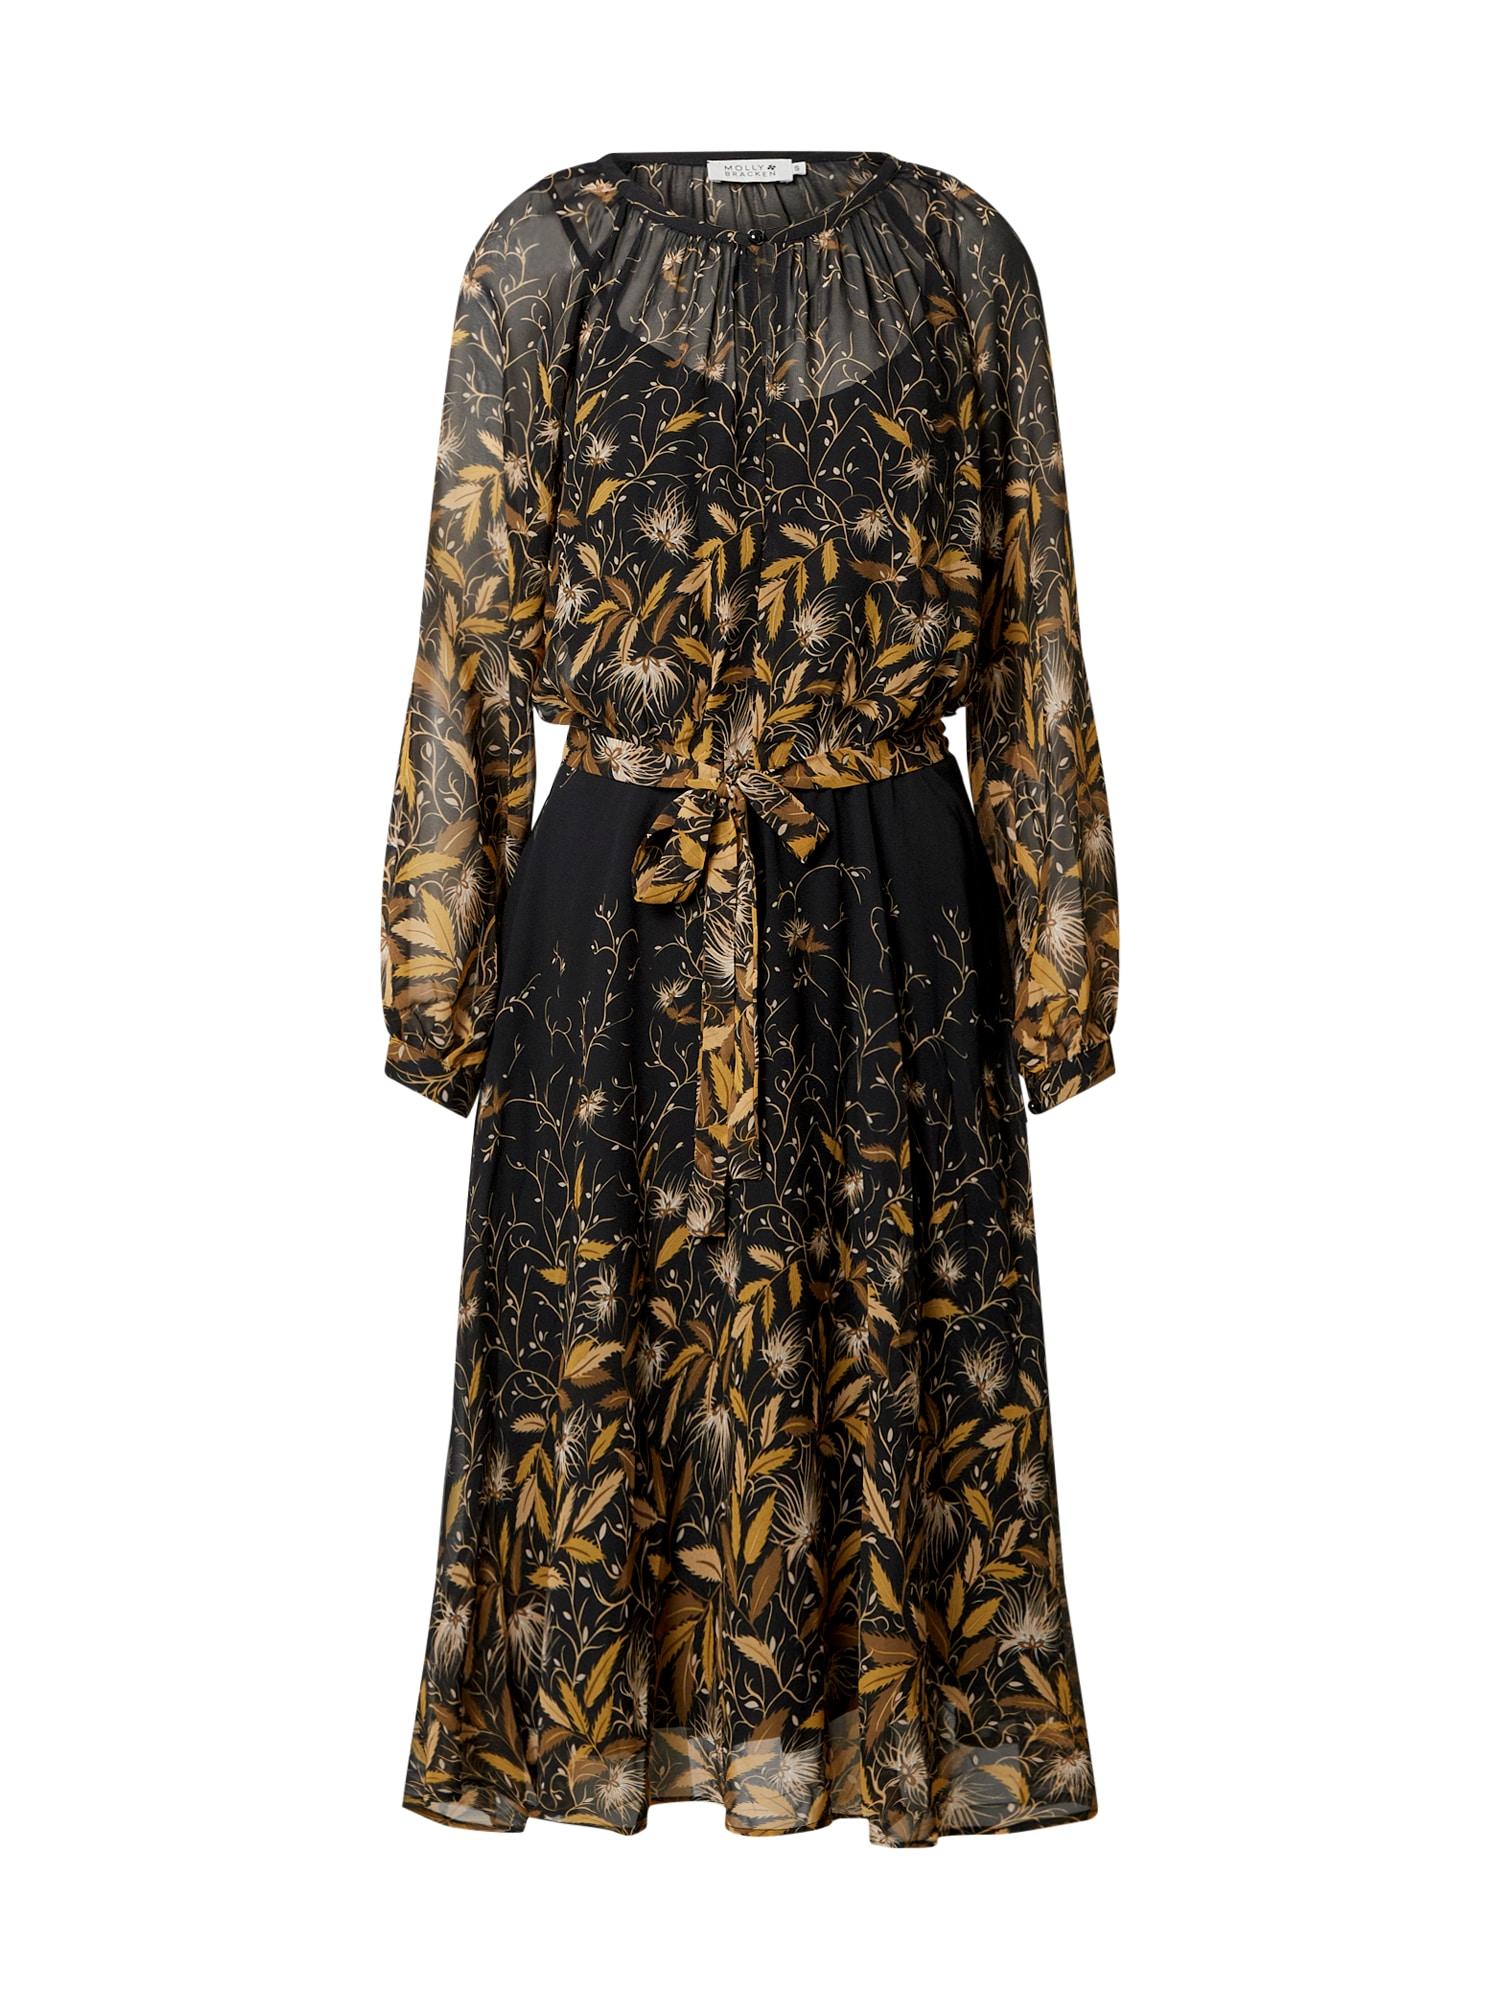 Molly BRACKEN Suknelė juoda / smėlio / aukso geltonumo spalva